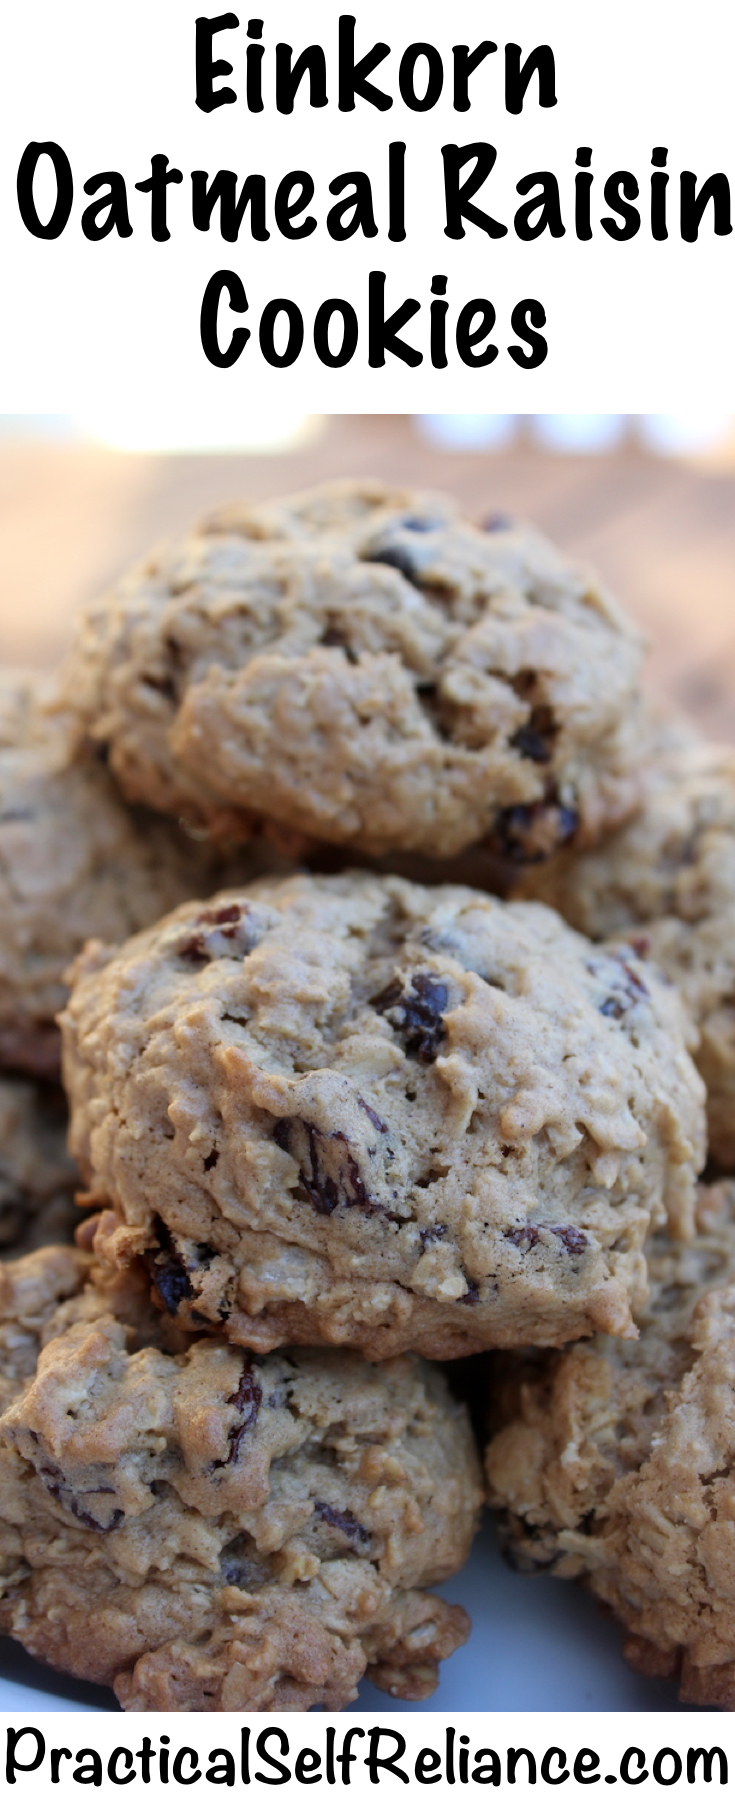 Einkorn Oatmeal Raisin Cookies Recipe #oatmealraisin #oatmealraisincookies #cookierecipe #bakingrecipe #einkornflour #einkorn